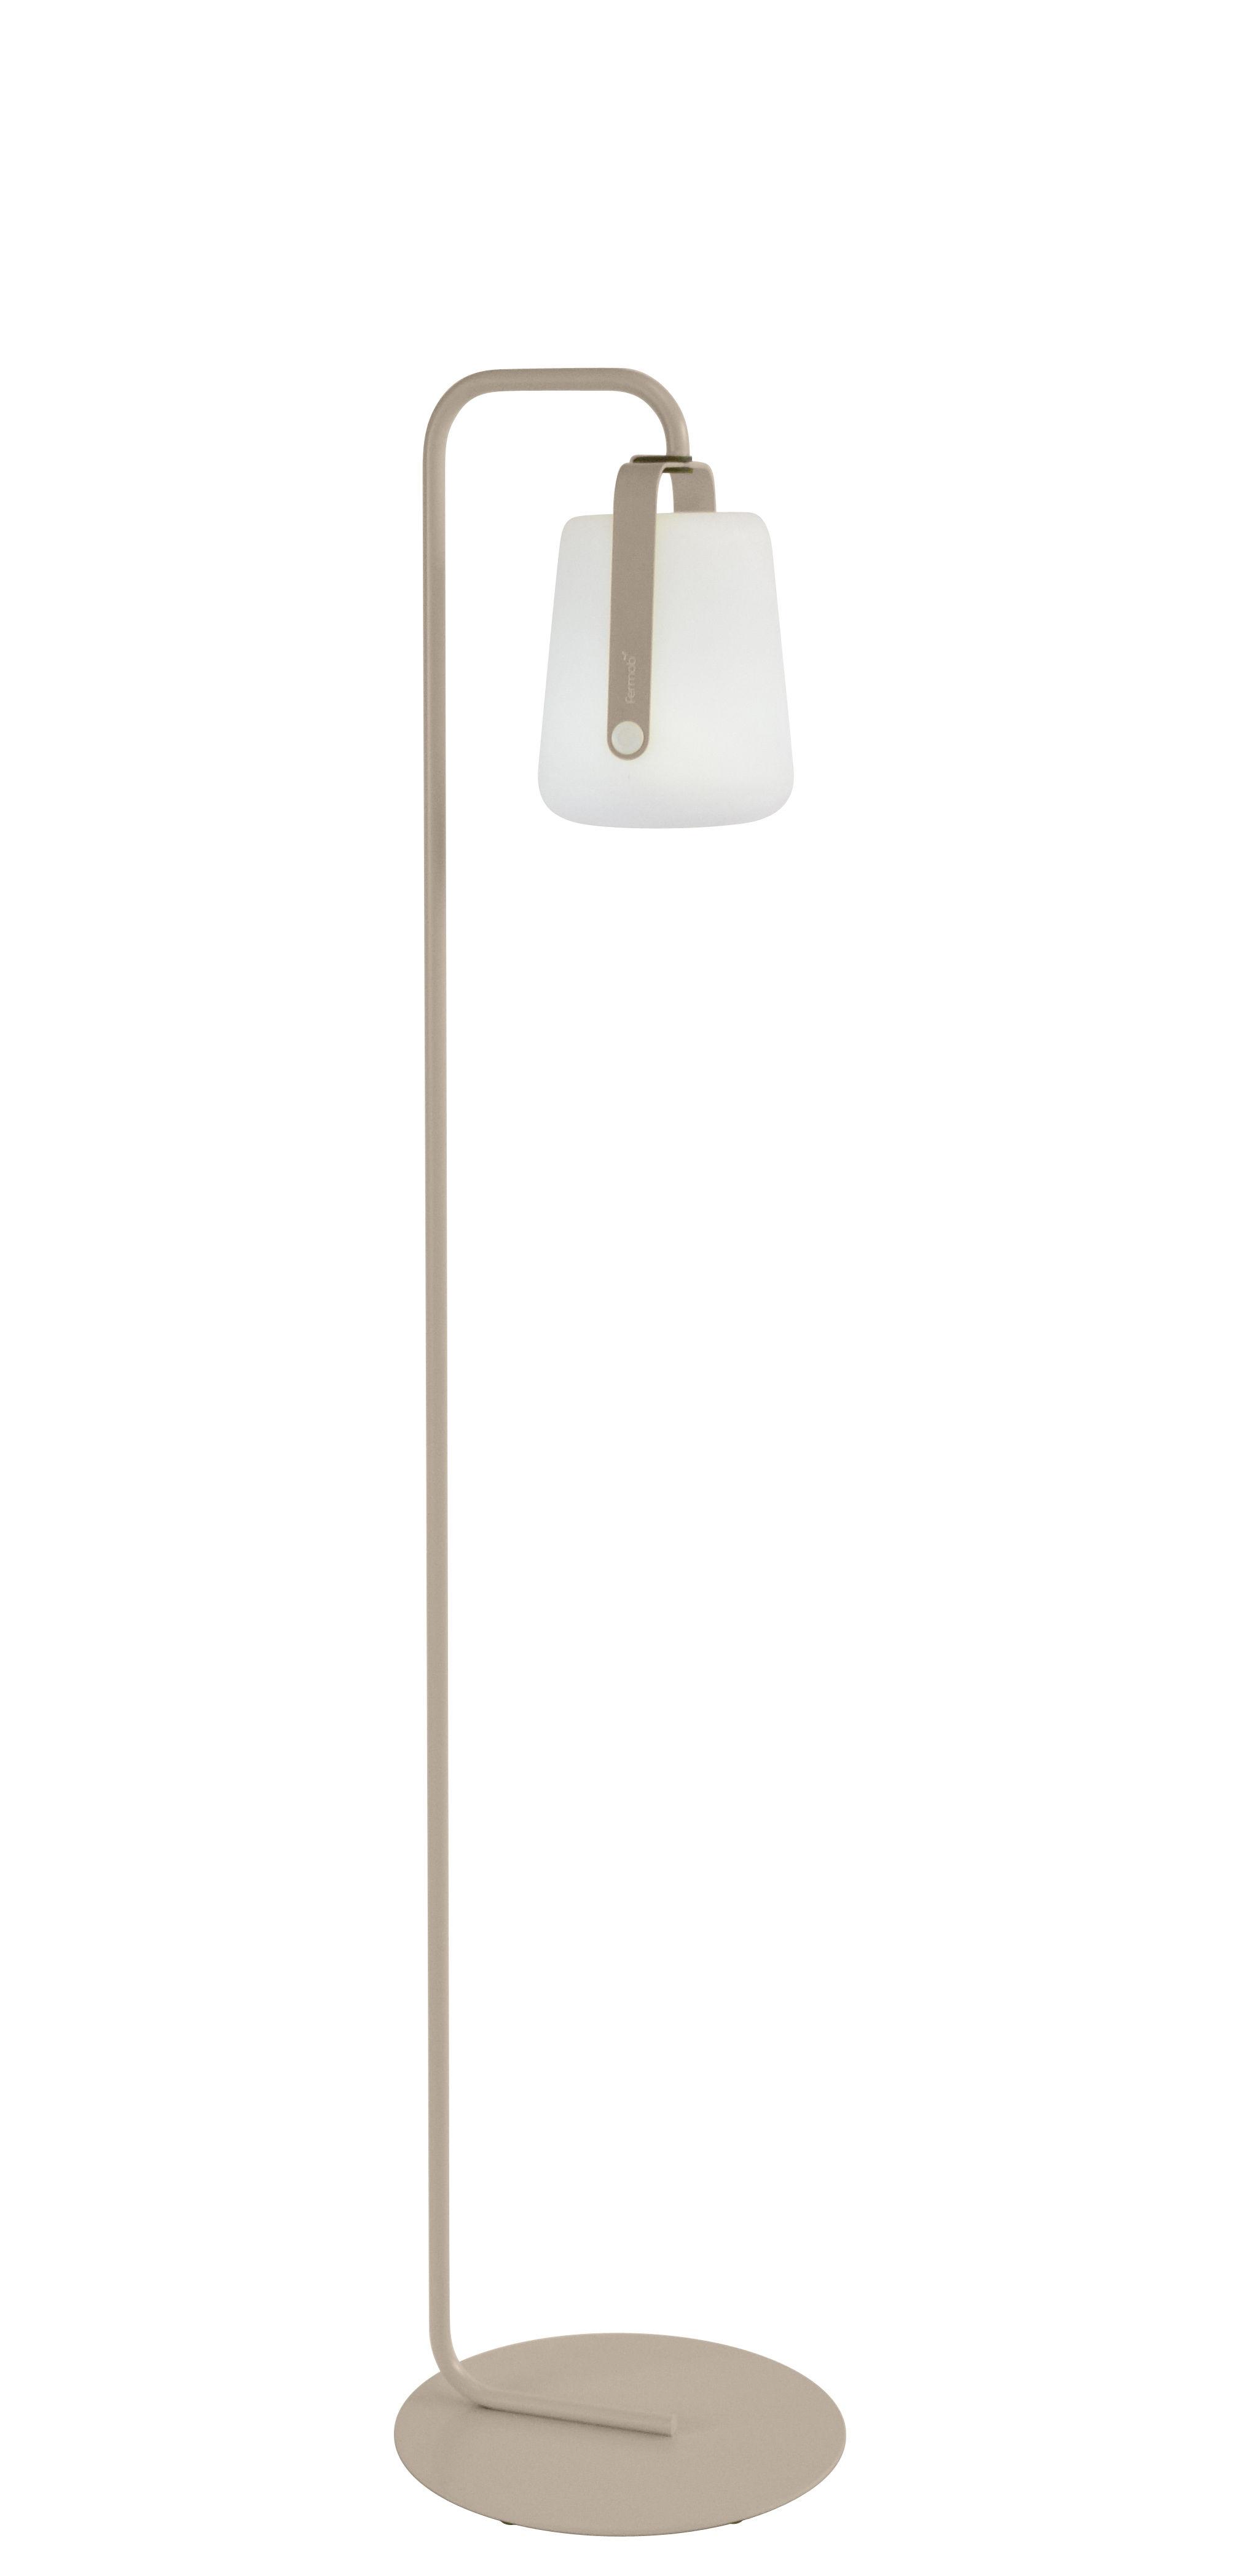 Illuminazione - Lampade da terra - Base per lampada Balad / Small H 157 cm - Fermob - Noce moscata - Acciaio